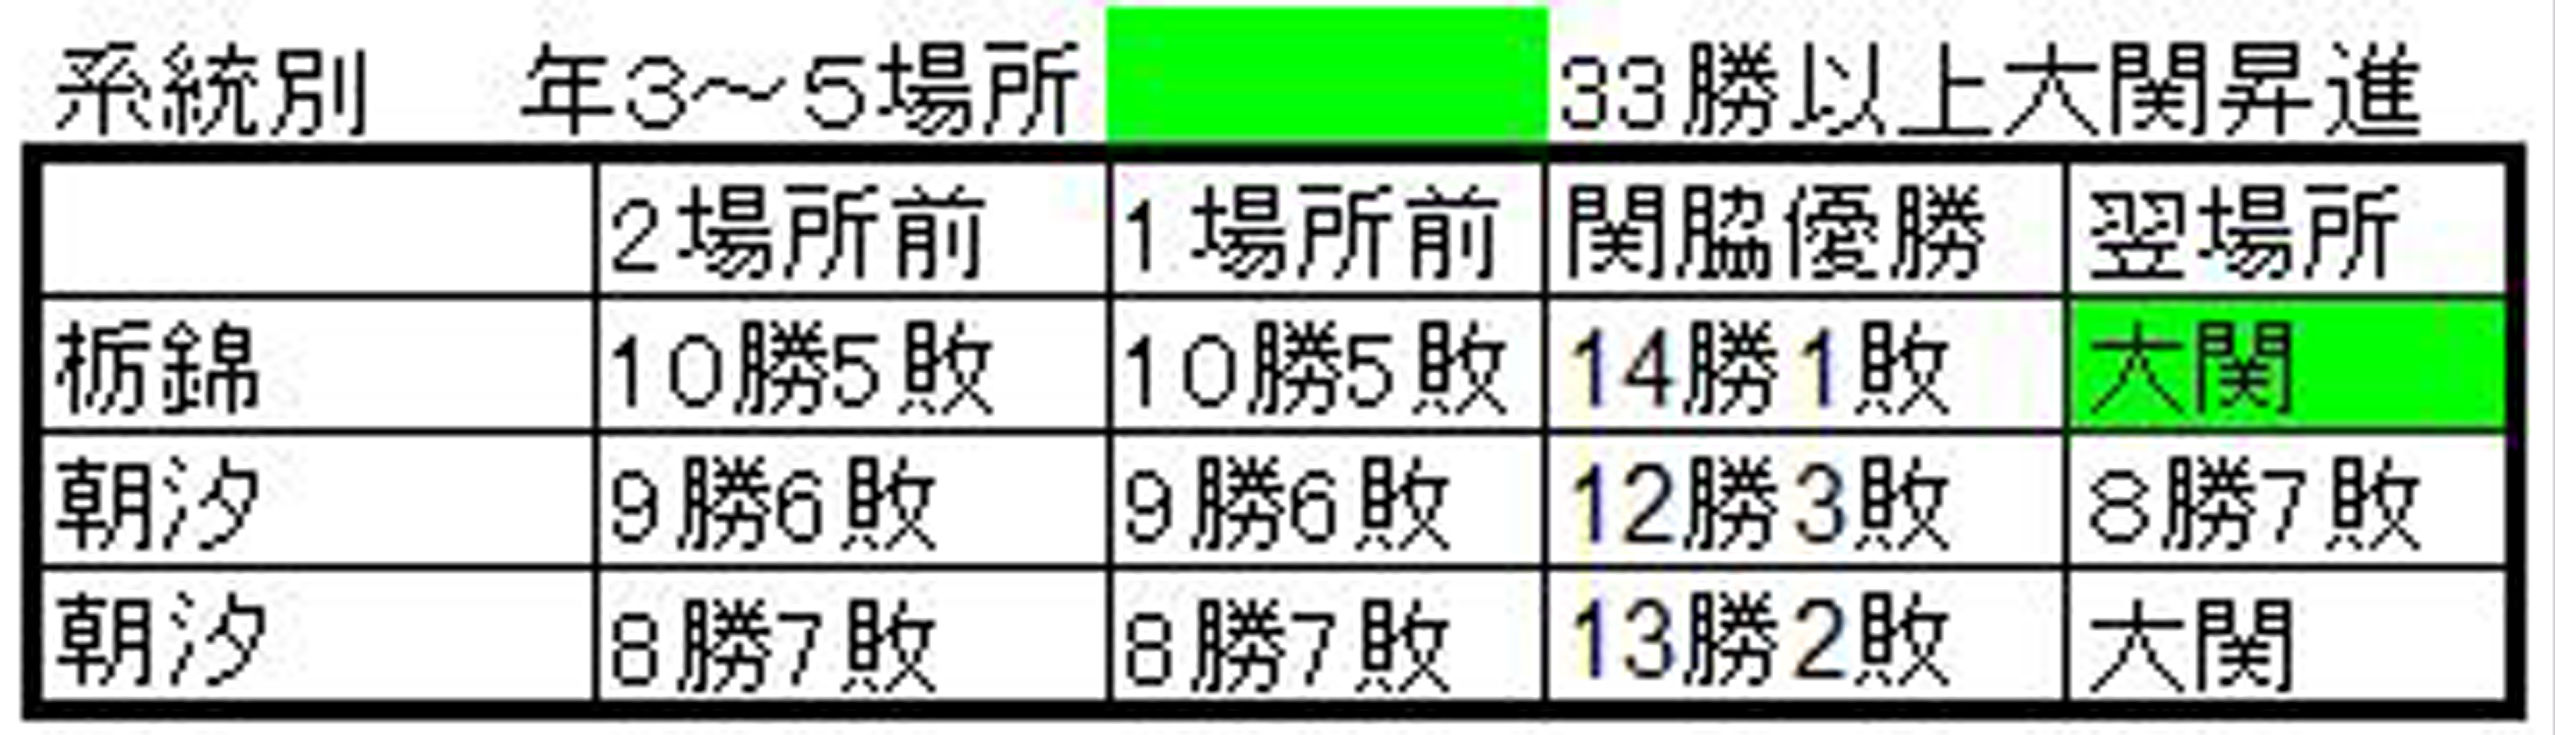 関脇優勝3A